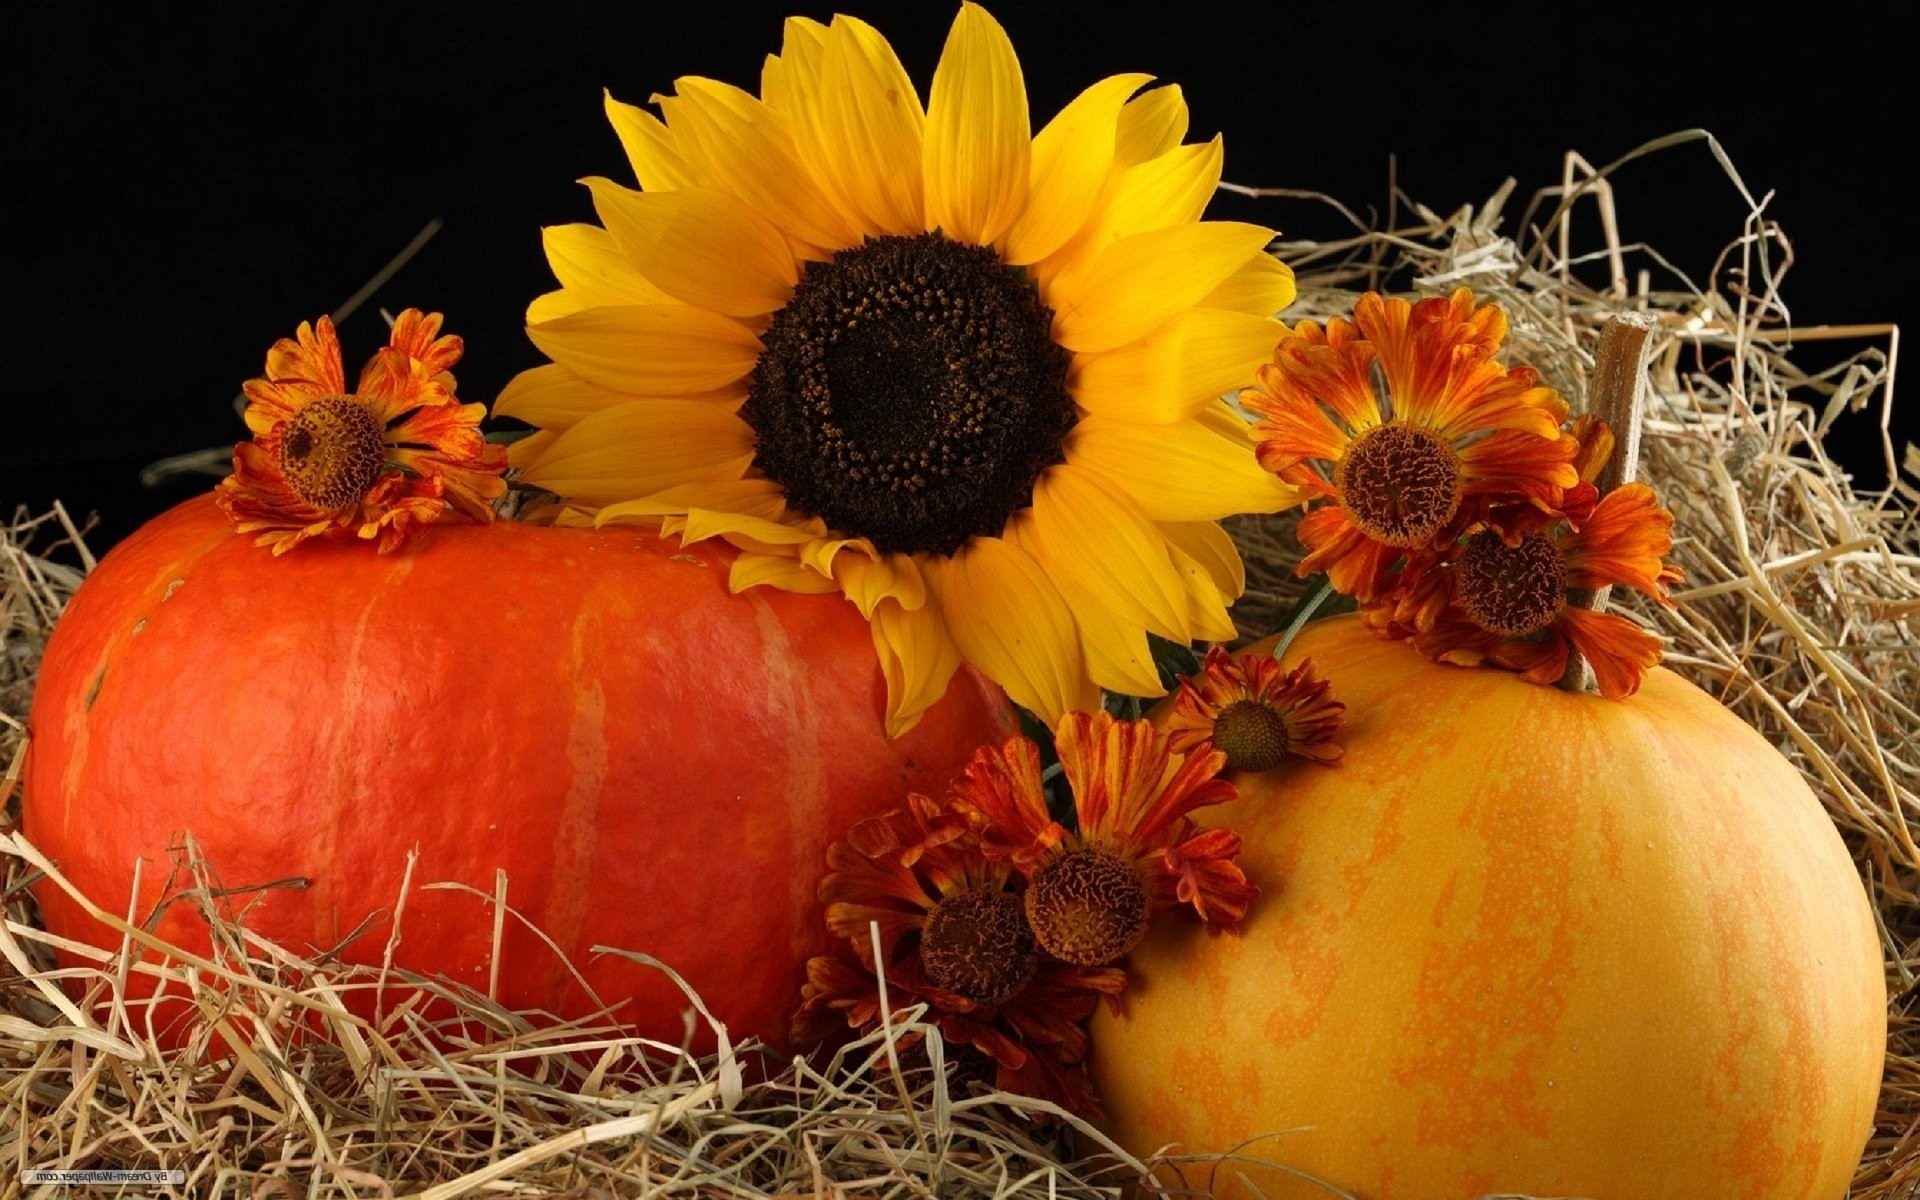 … sunflower pumpkin autumn wallpaper …